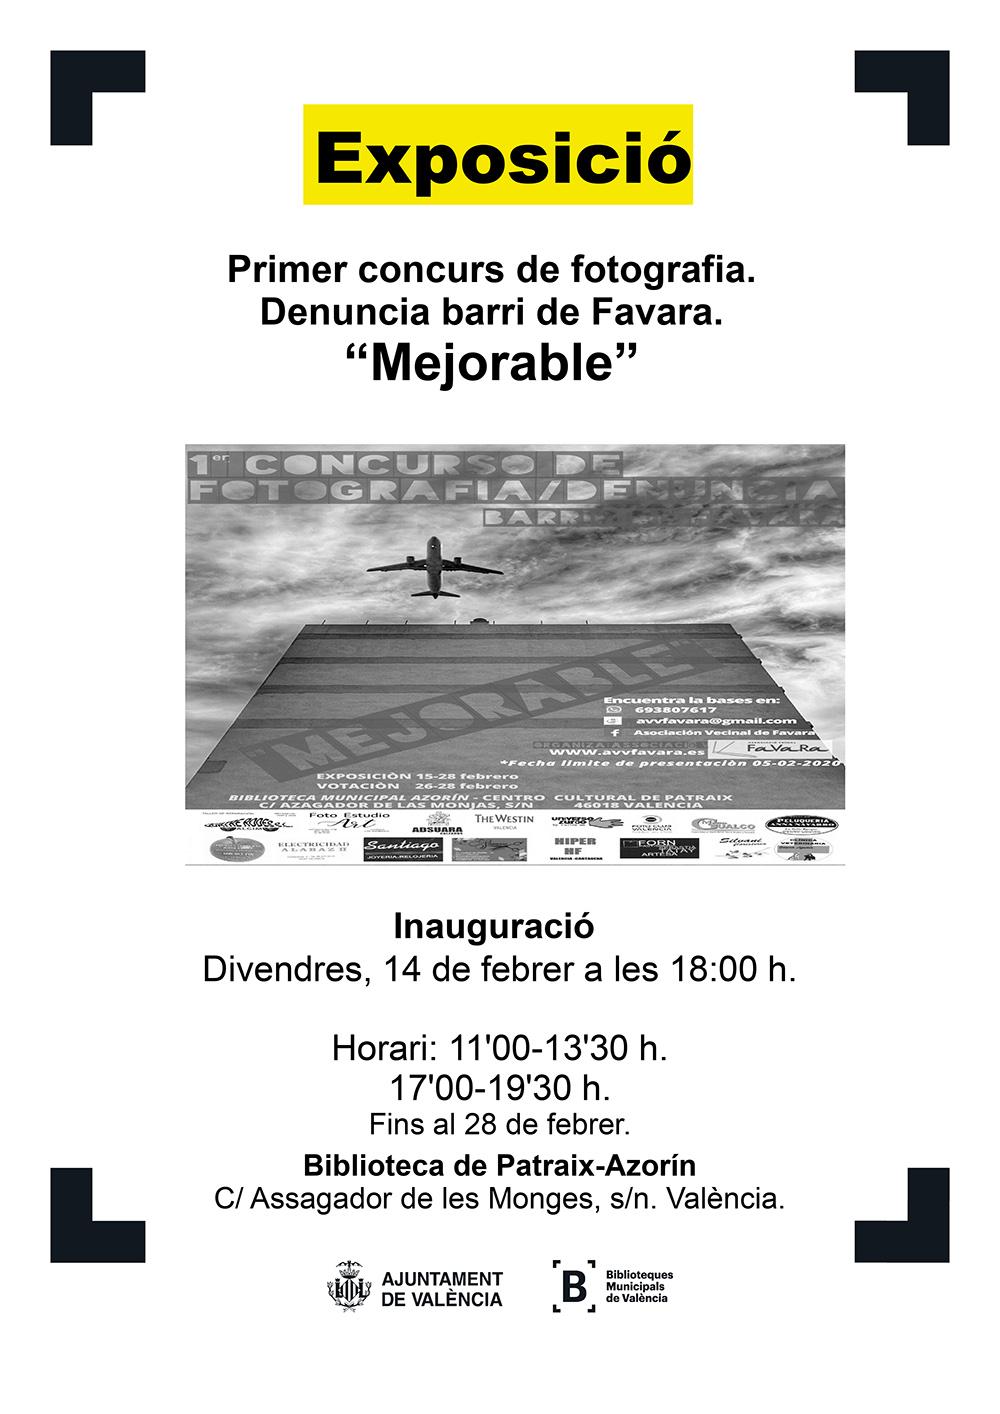 Cartel de la exposición de fotografía organizada por la AVV Favara. Puedes verla del 14 al 28 de febrero en la biblioteca del complejo polideportivo de Patraix C/Assagador de les Monges s/n Valencia.